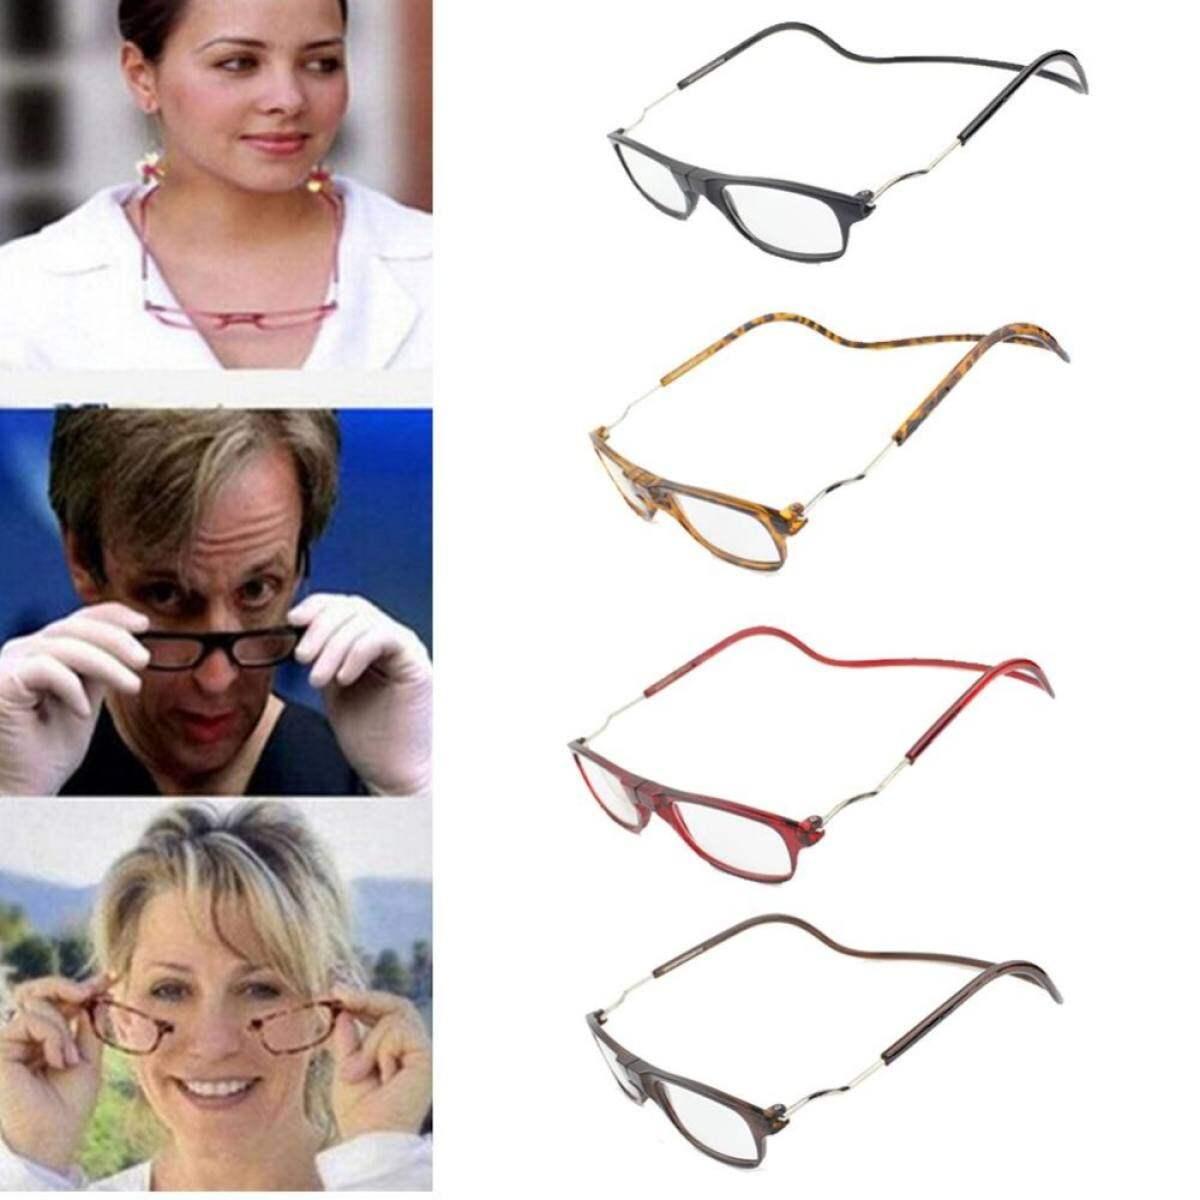 Moonar Unisex Folded Hanging Magnetic Reading Glasses (Black 150 degree)